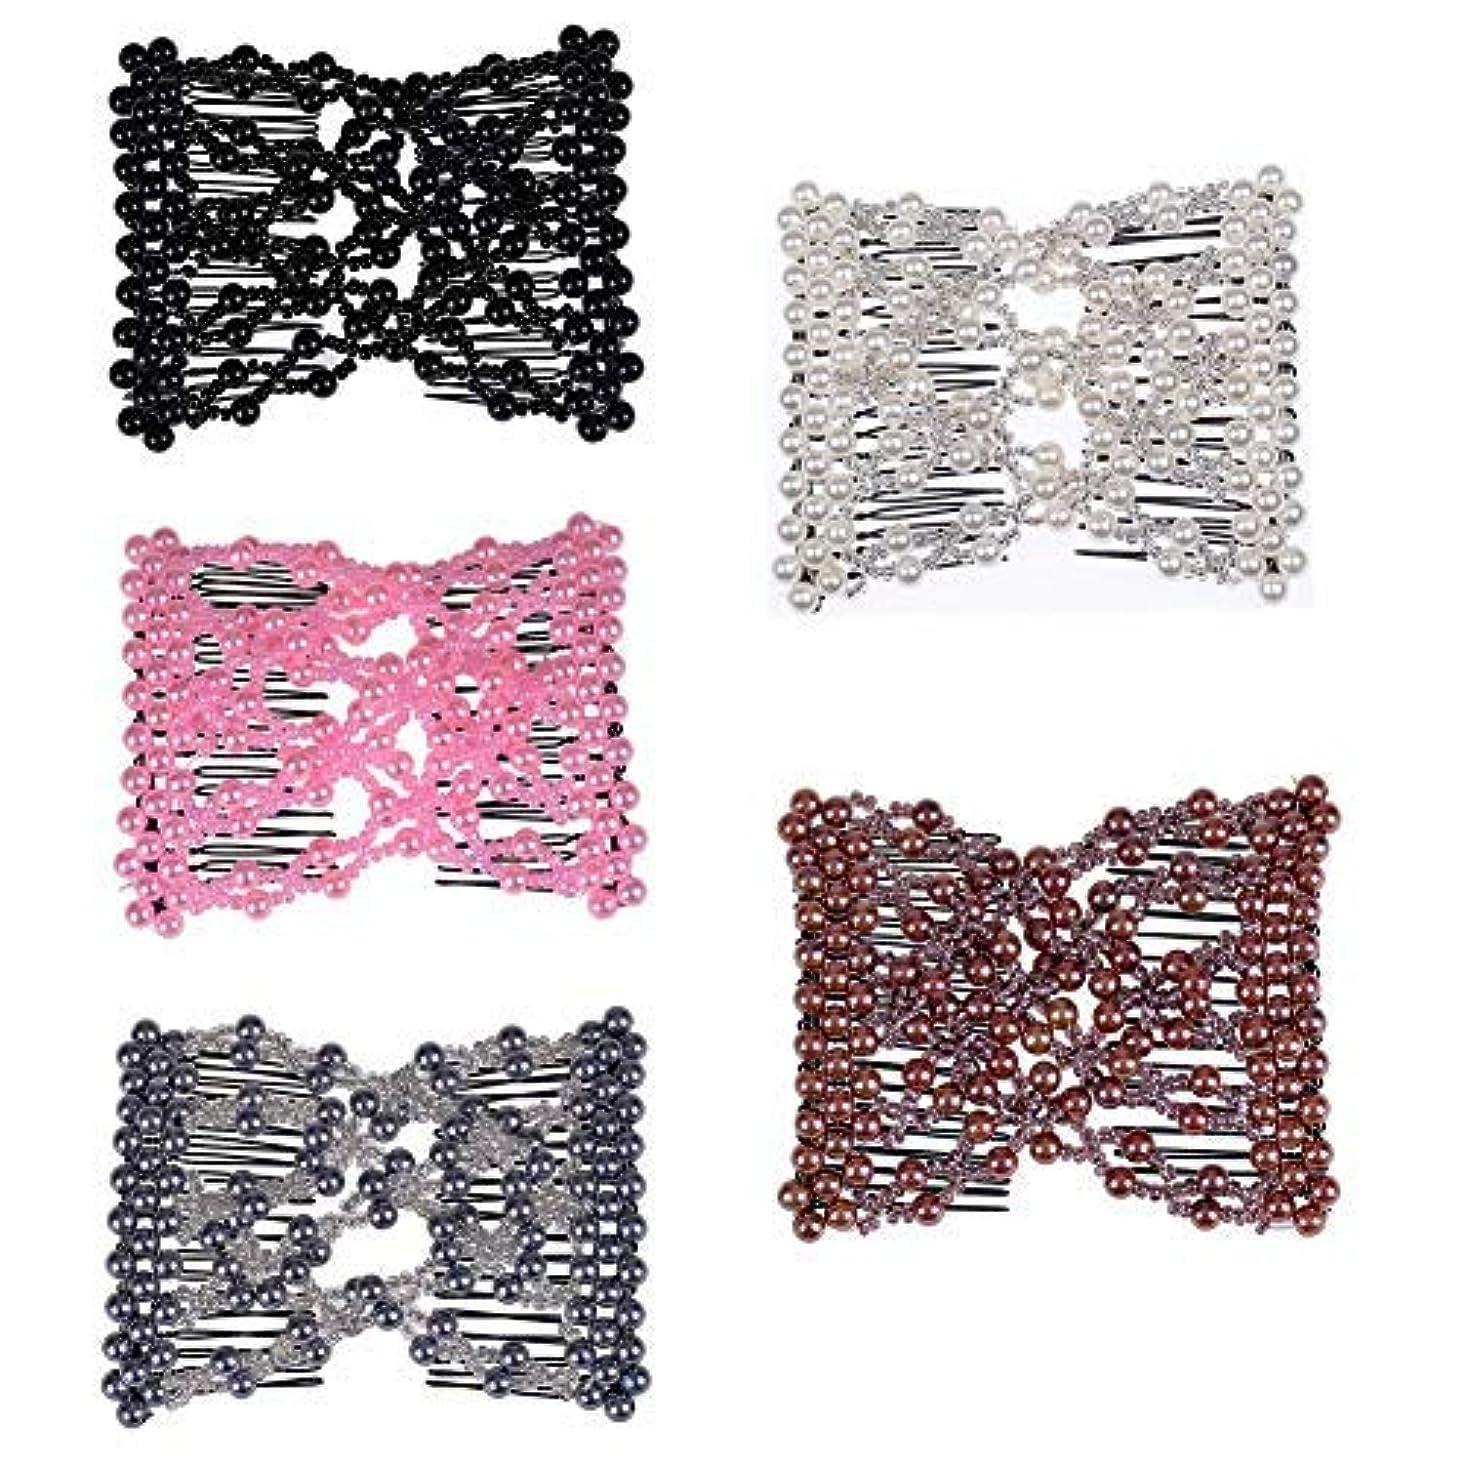 浸透するホールド割り込みCasualfashion 5Pcs Ez Stretch Beaded Hair Combs Double Magic Slide Metal Comb Clip Hairpins for Women Hair Styling...